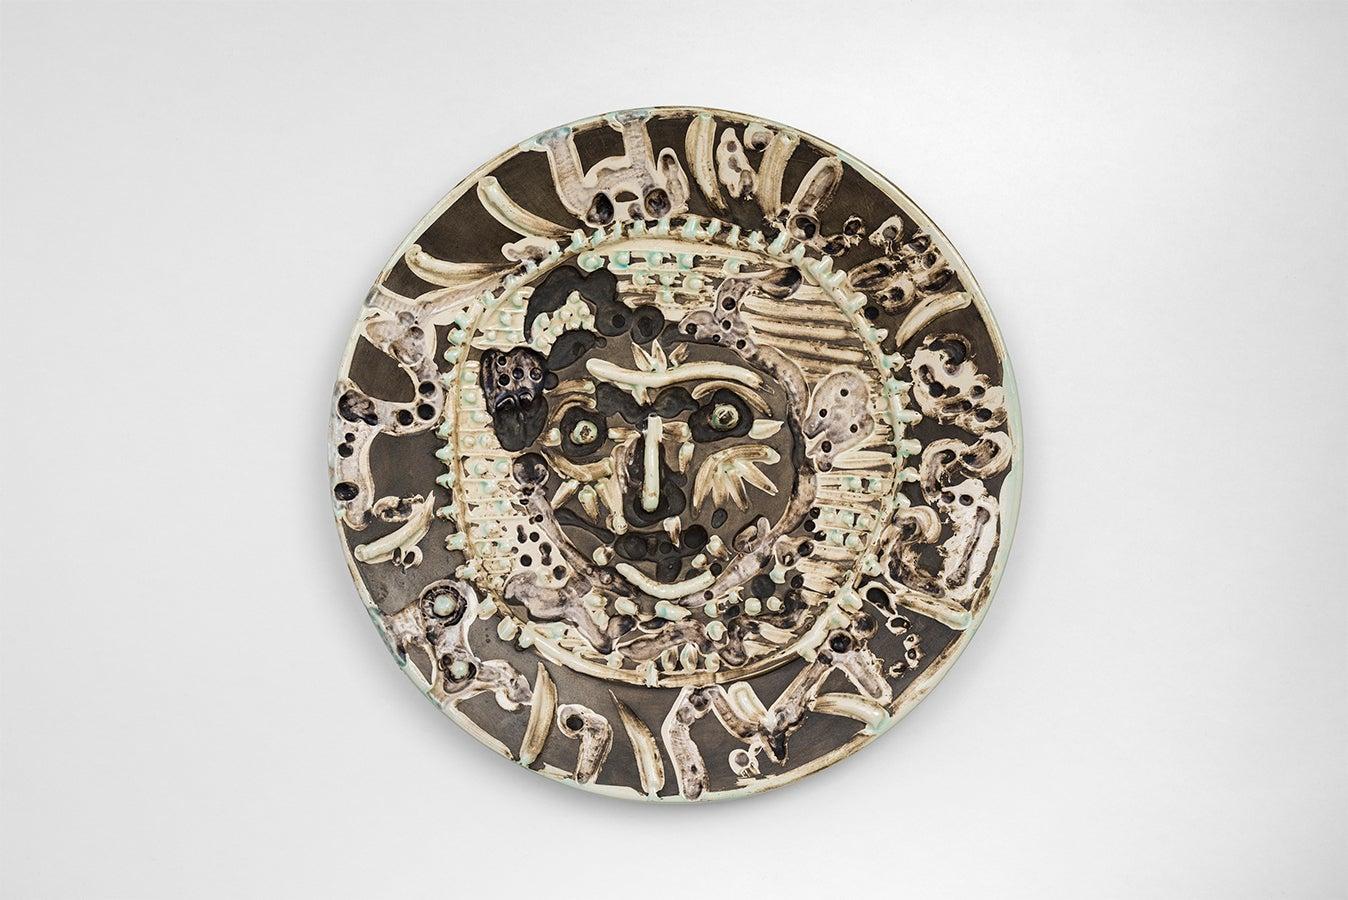 Pablo Picasso Madoura Ceramic: Tormented Faun's Face (Visage de Faune Tourmenté)